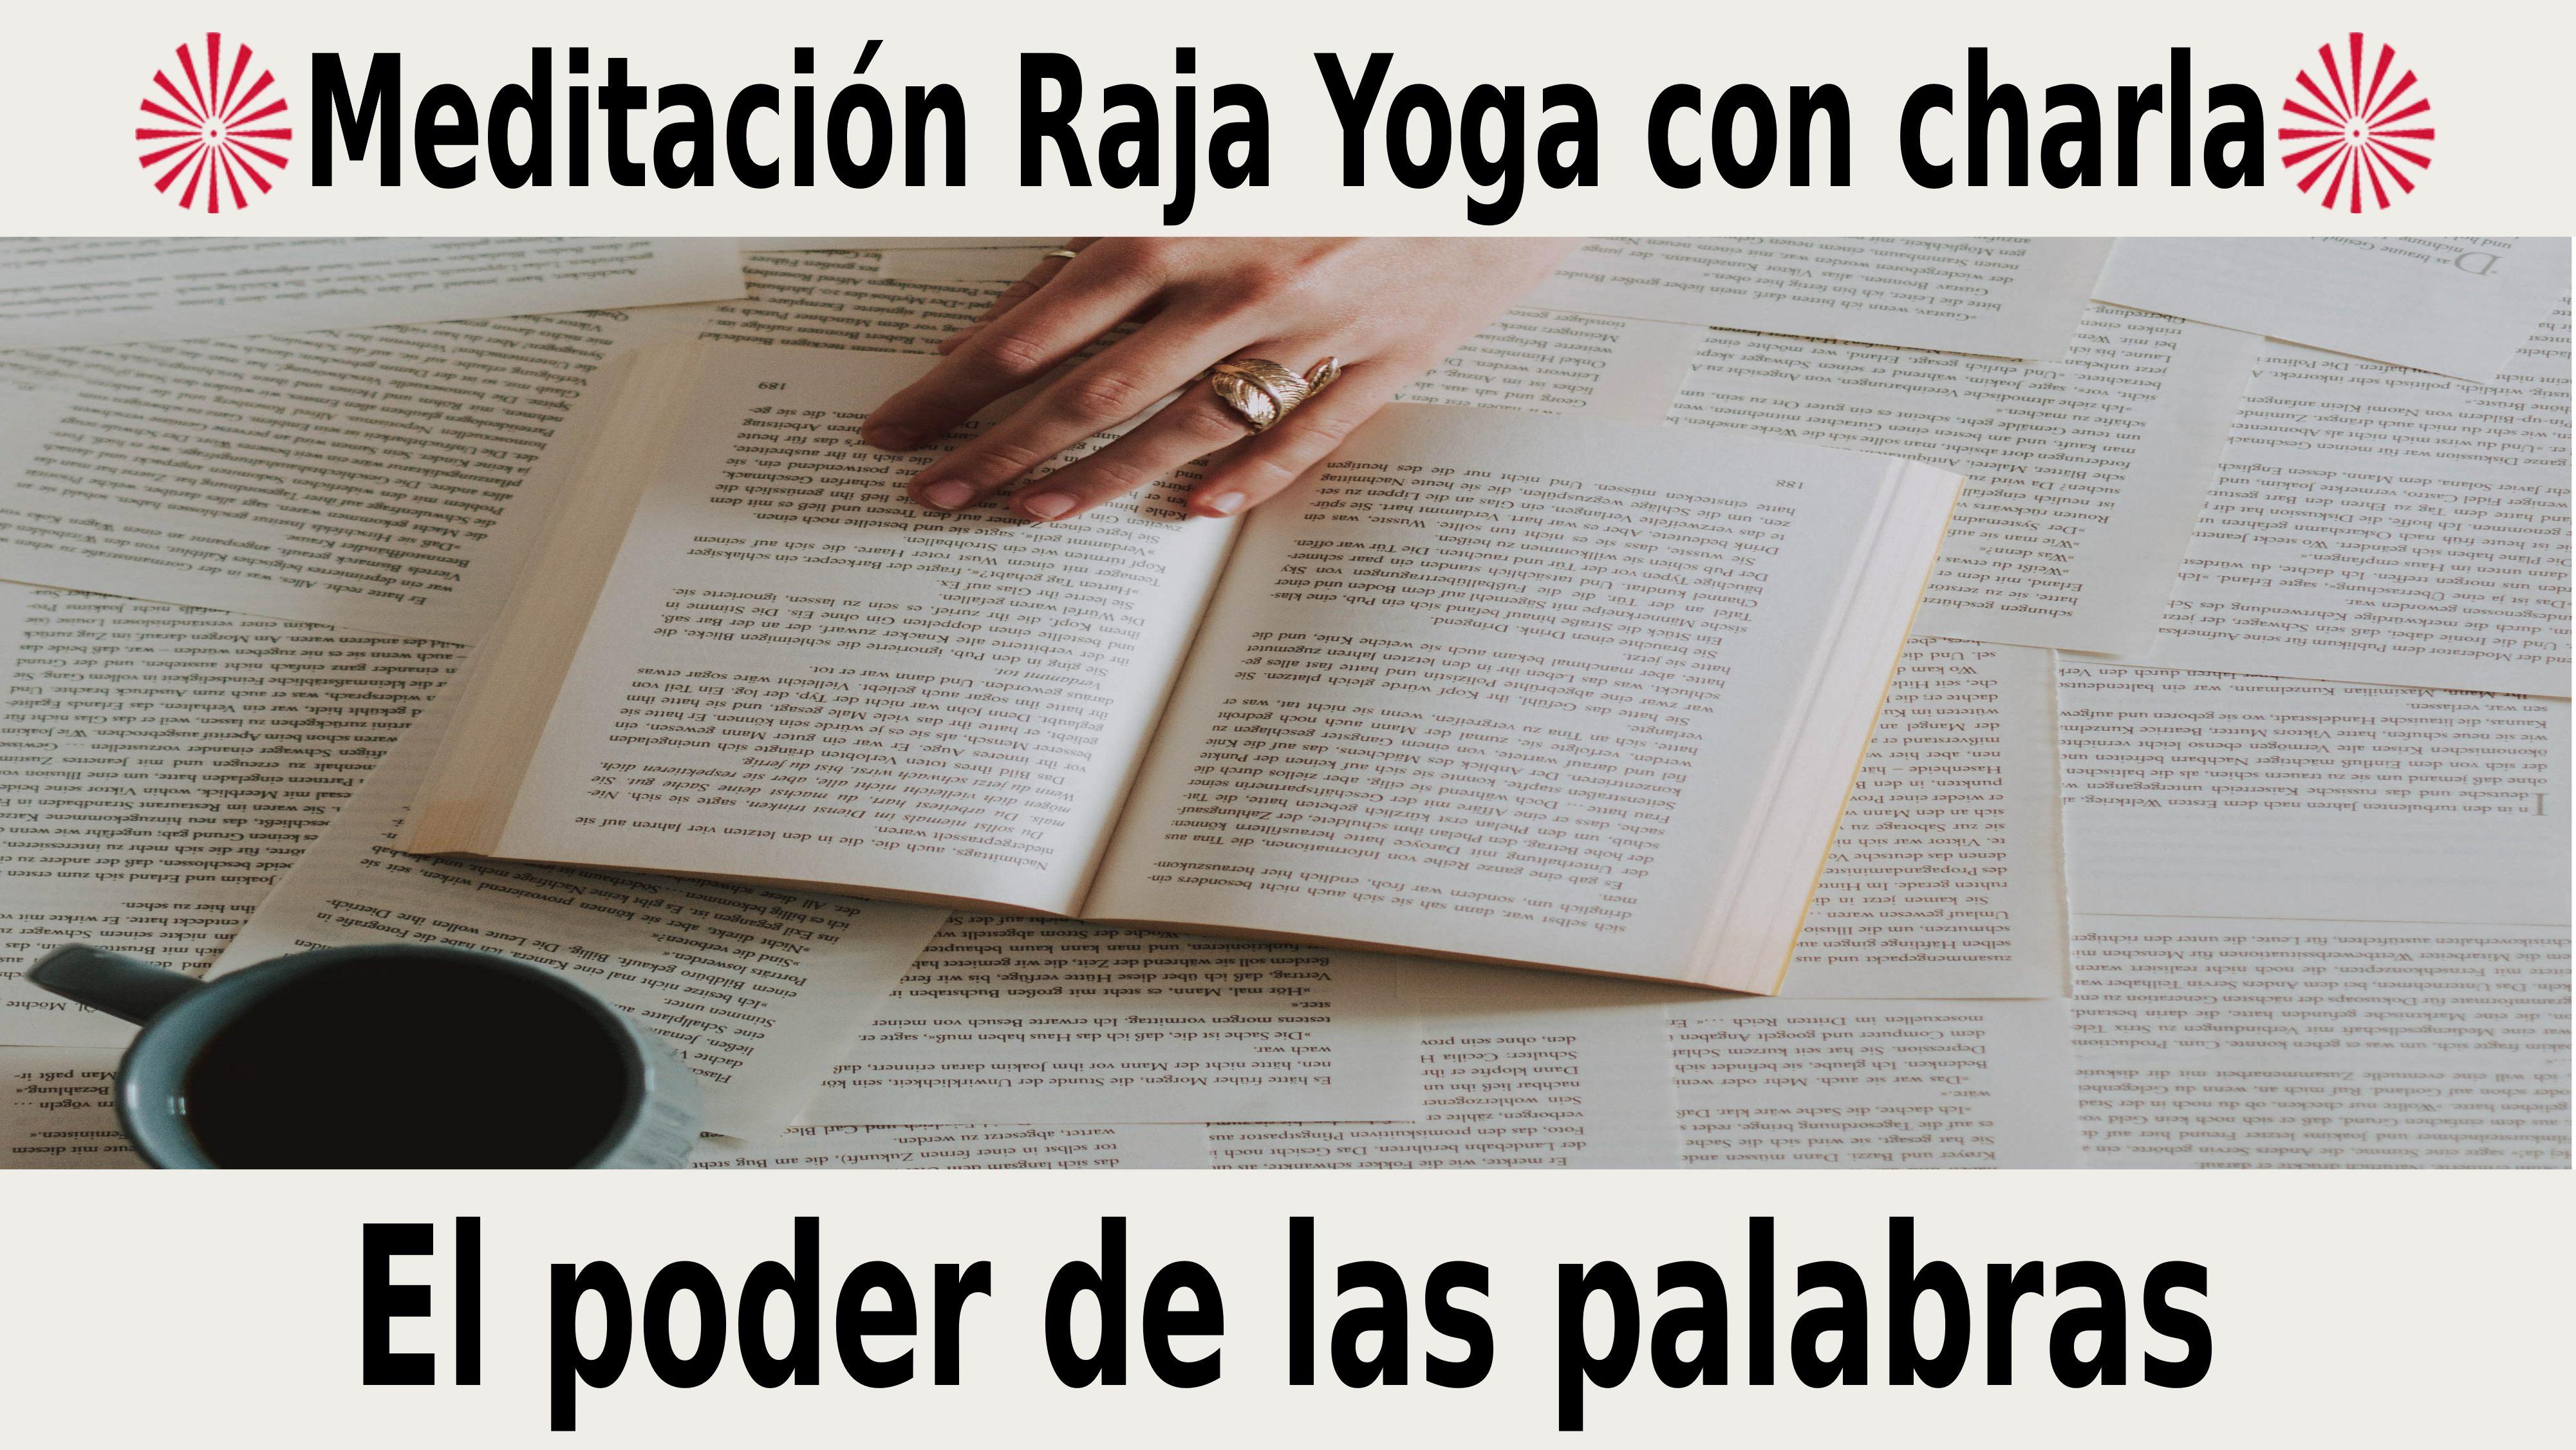 Meditación Raja Yoga con charla: El poder de las palabras (25 Noviembre 2020) On-ine desde Sevilla